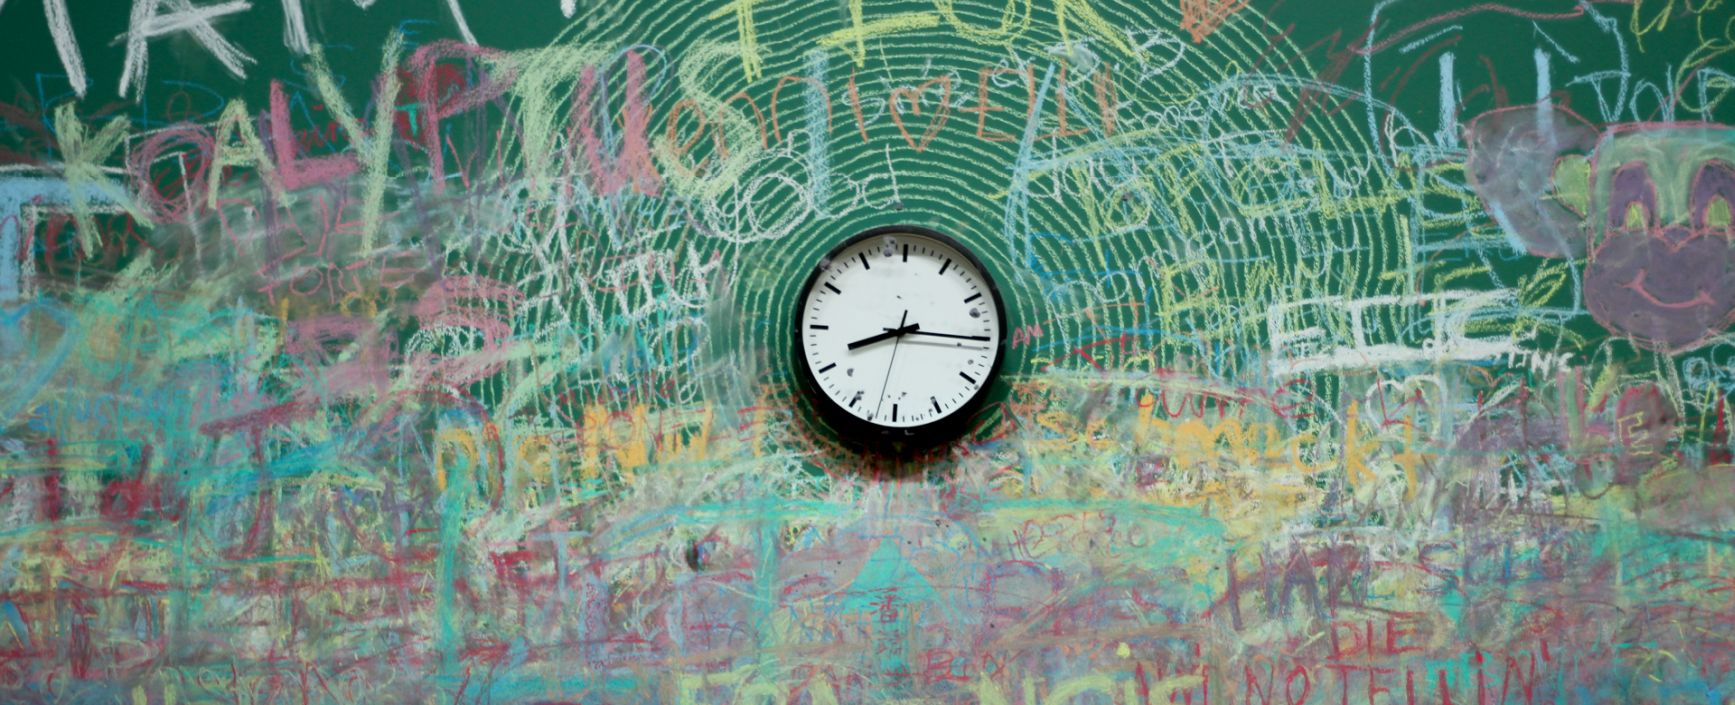 Időmenedzsment: óra egy táblán